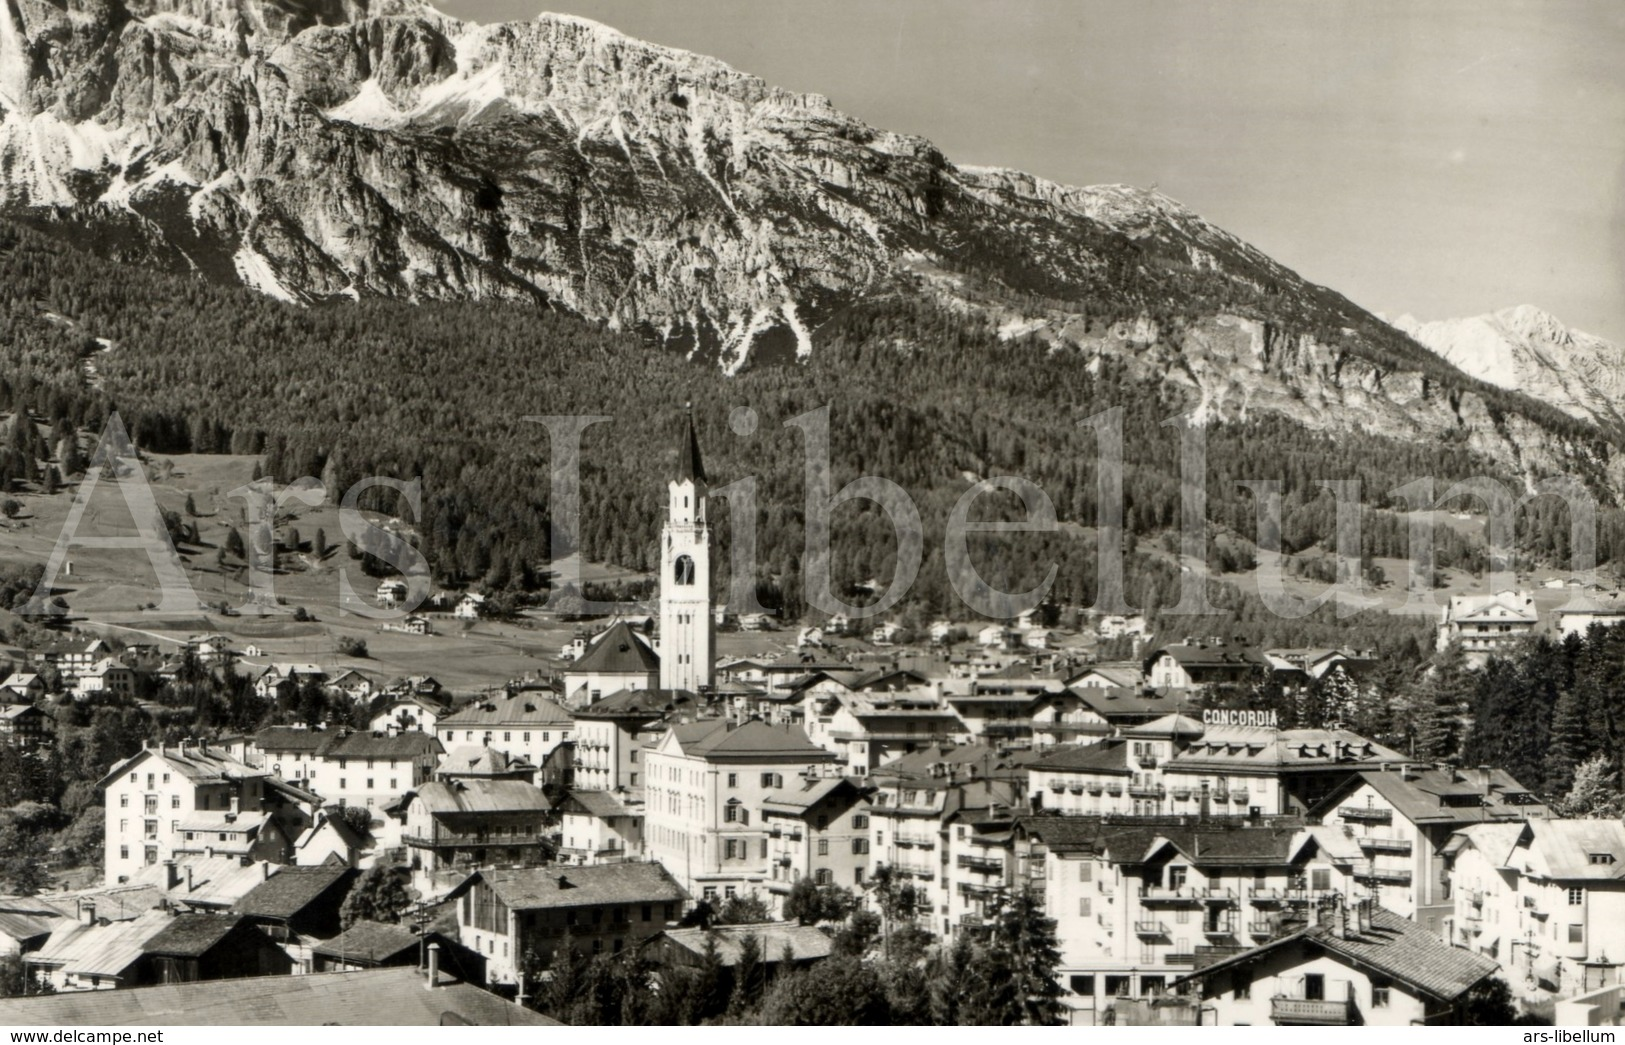 Postcard / CPA / Cortina D'Ampezzo / Italy / Fotografia A. Zardini / No 311 / Unused - Belluno